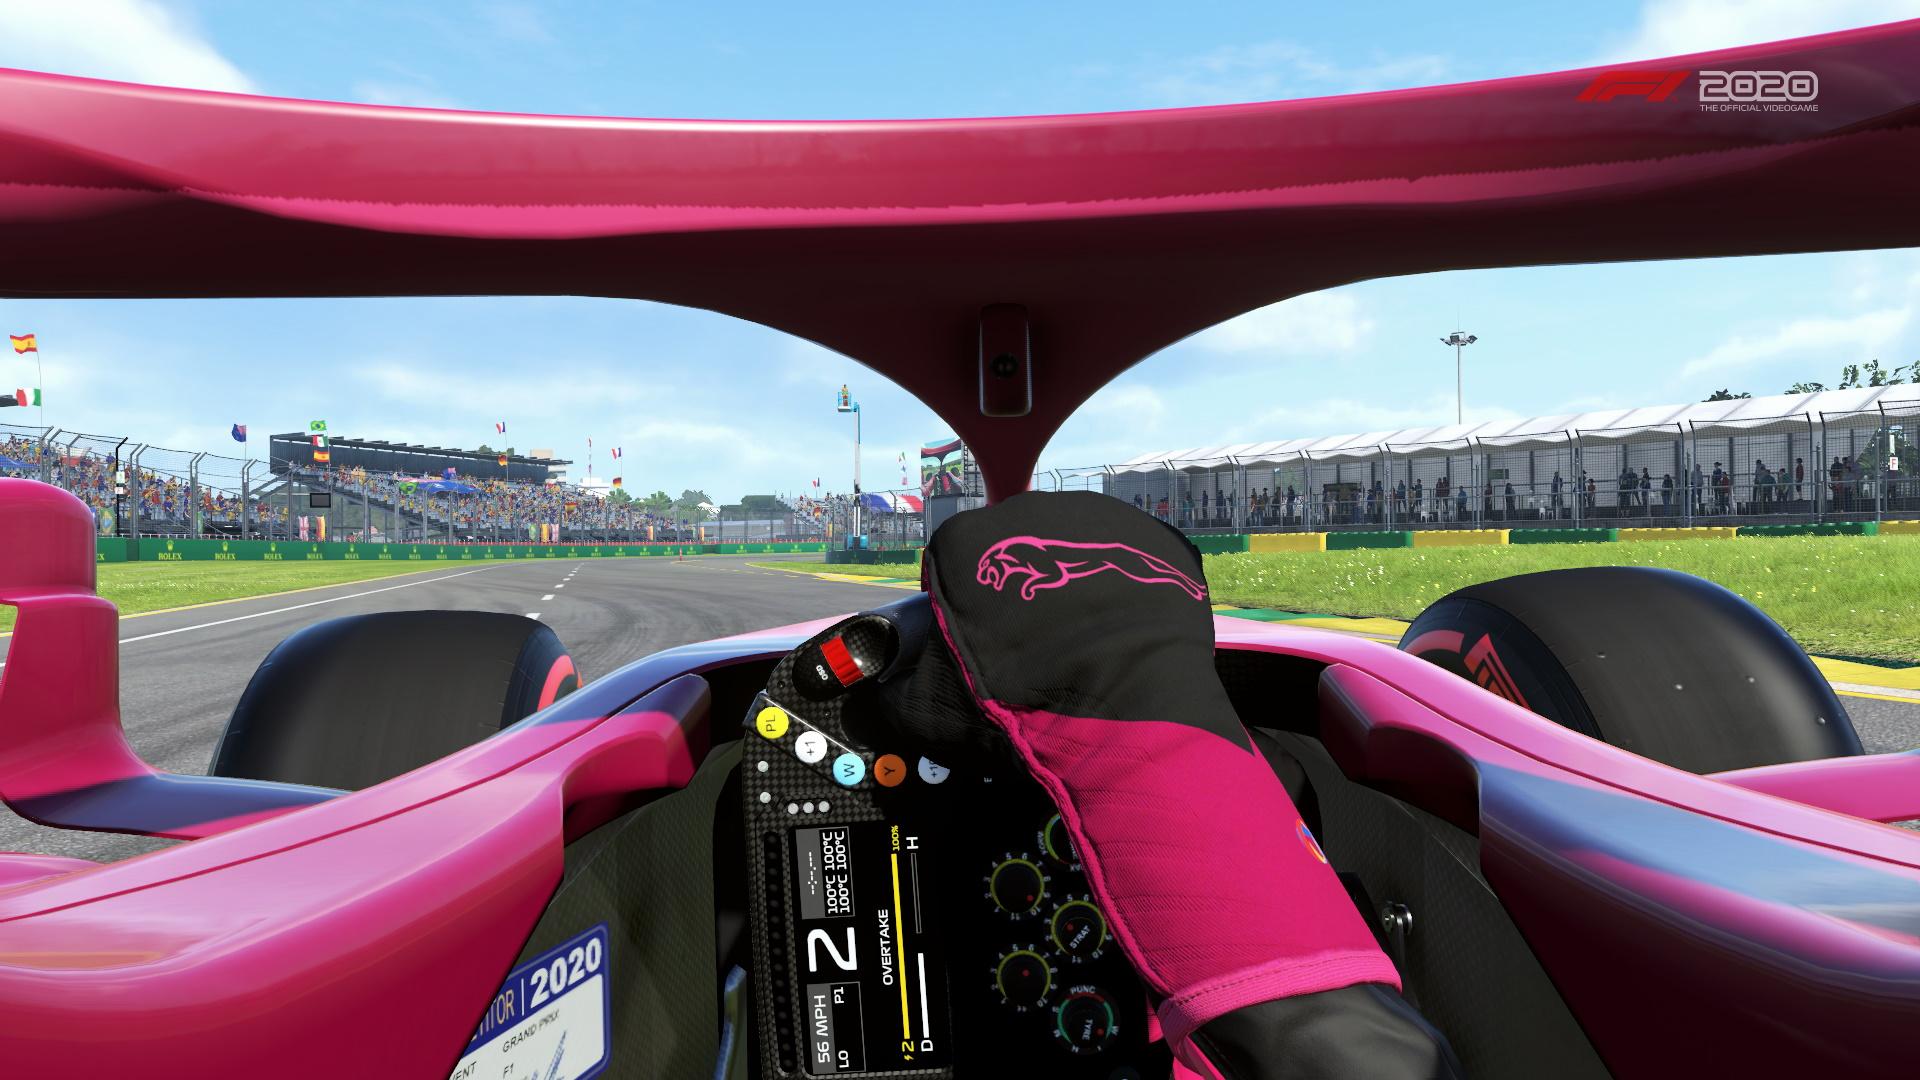 F1 2020 - DX12 Screenshot 2020.10.17 - 13.08.26.63.jpg